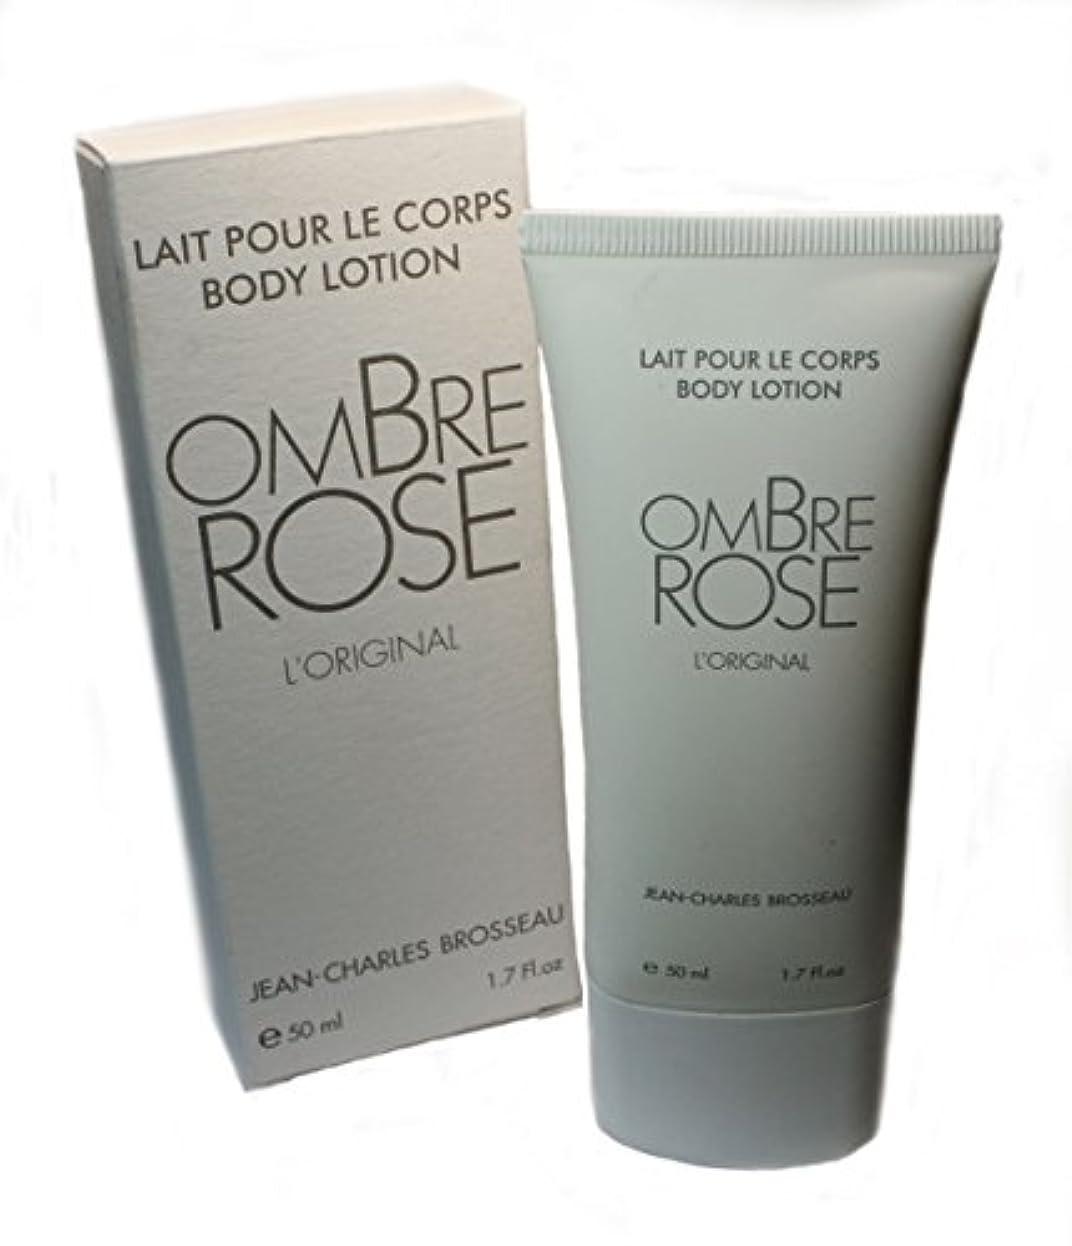 囲む意図頬骨Jean-Charles Brosseau Ombre Rose L'Original Body Lotion(ジャン シャルル ブロッソー オンブル ローズ オリジナル ボディーローション)50ml